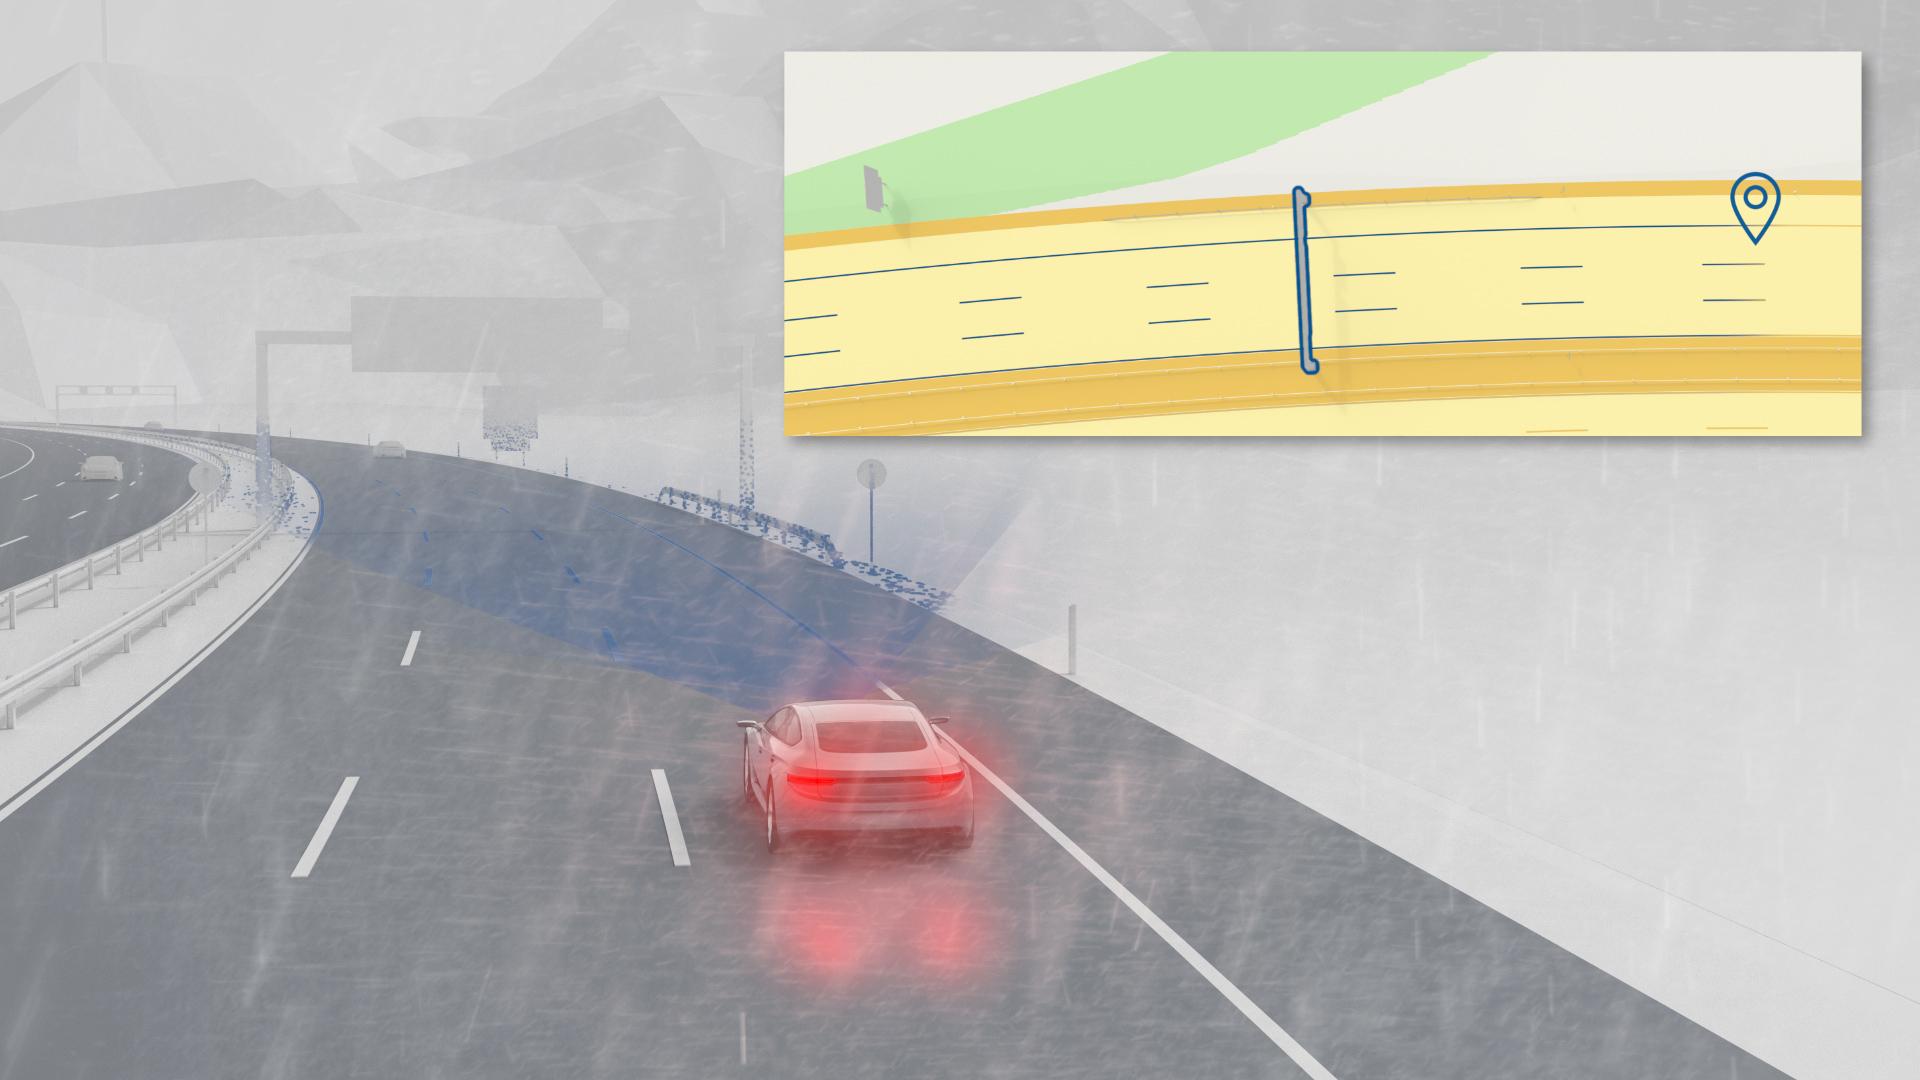 Bosch Straßensignatur ermöglicht eine hochgenaue Eigenlokalisierung